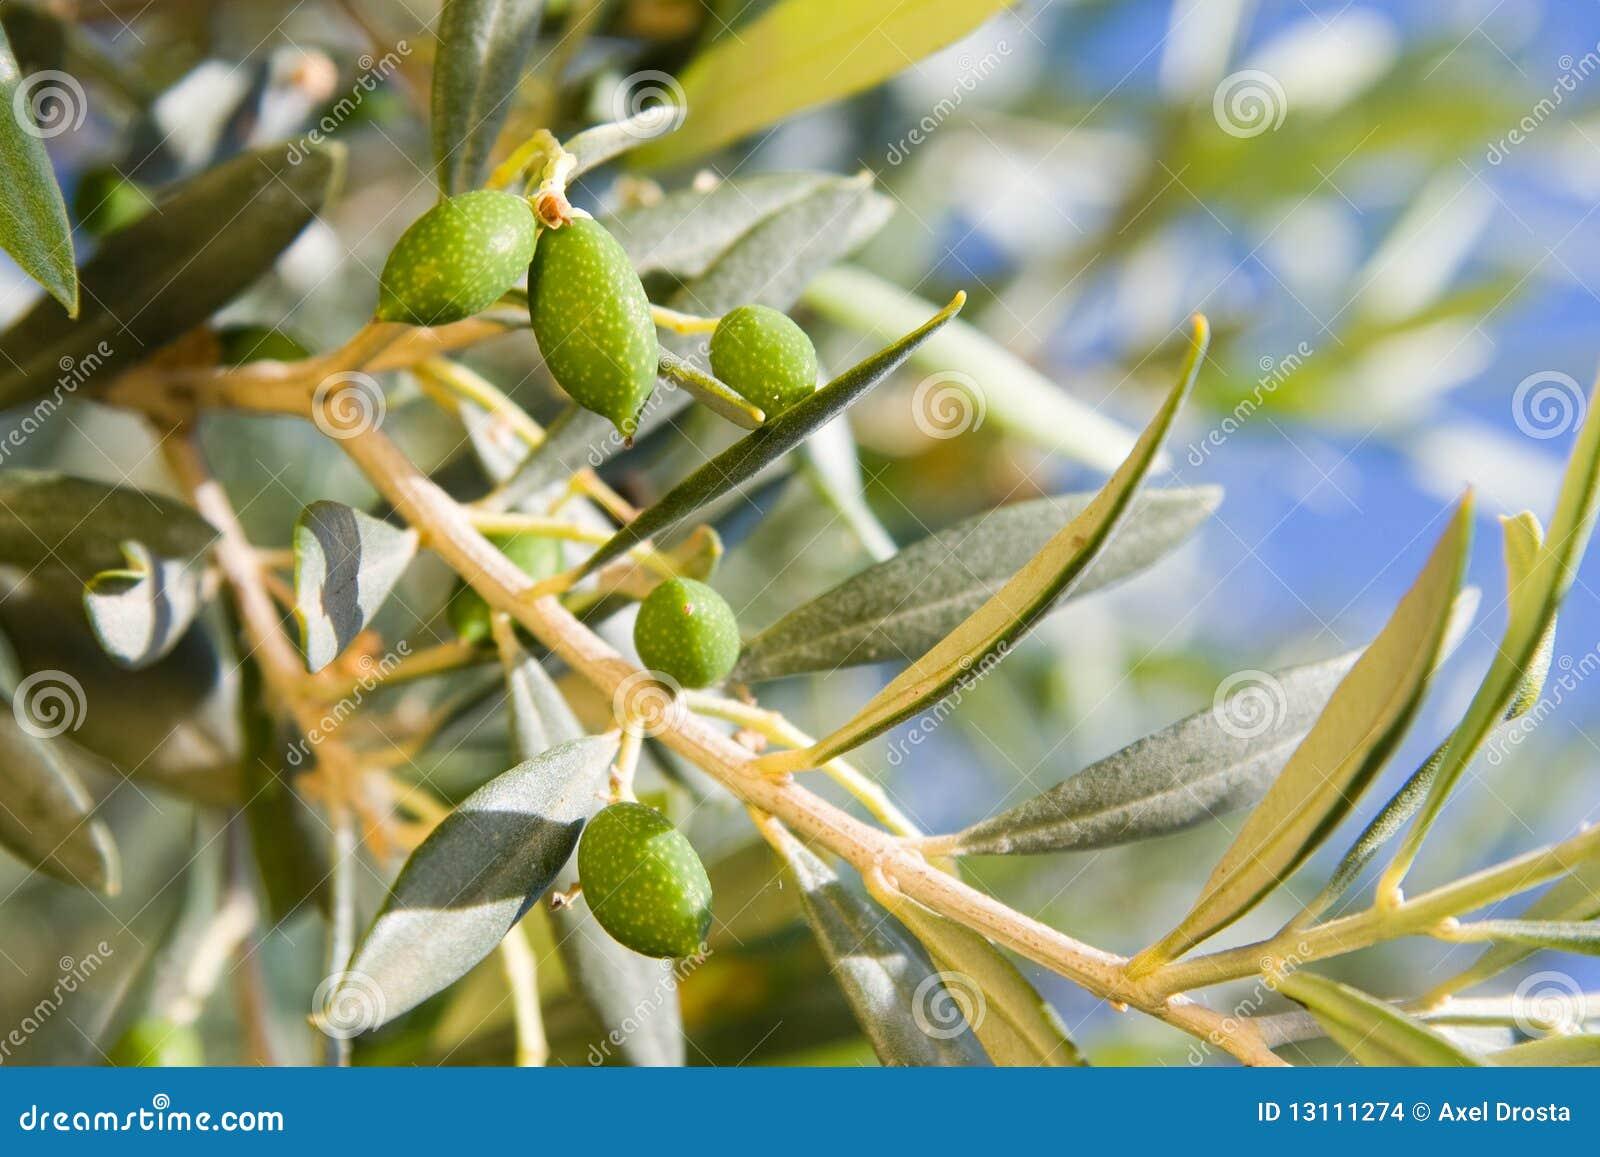 Di olivo immagini stock immagine 13111274 for Acquisto piante olivo